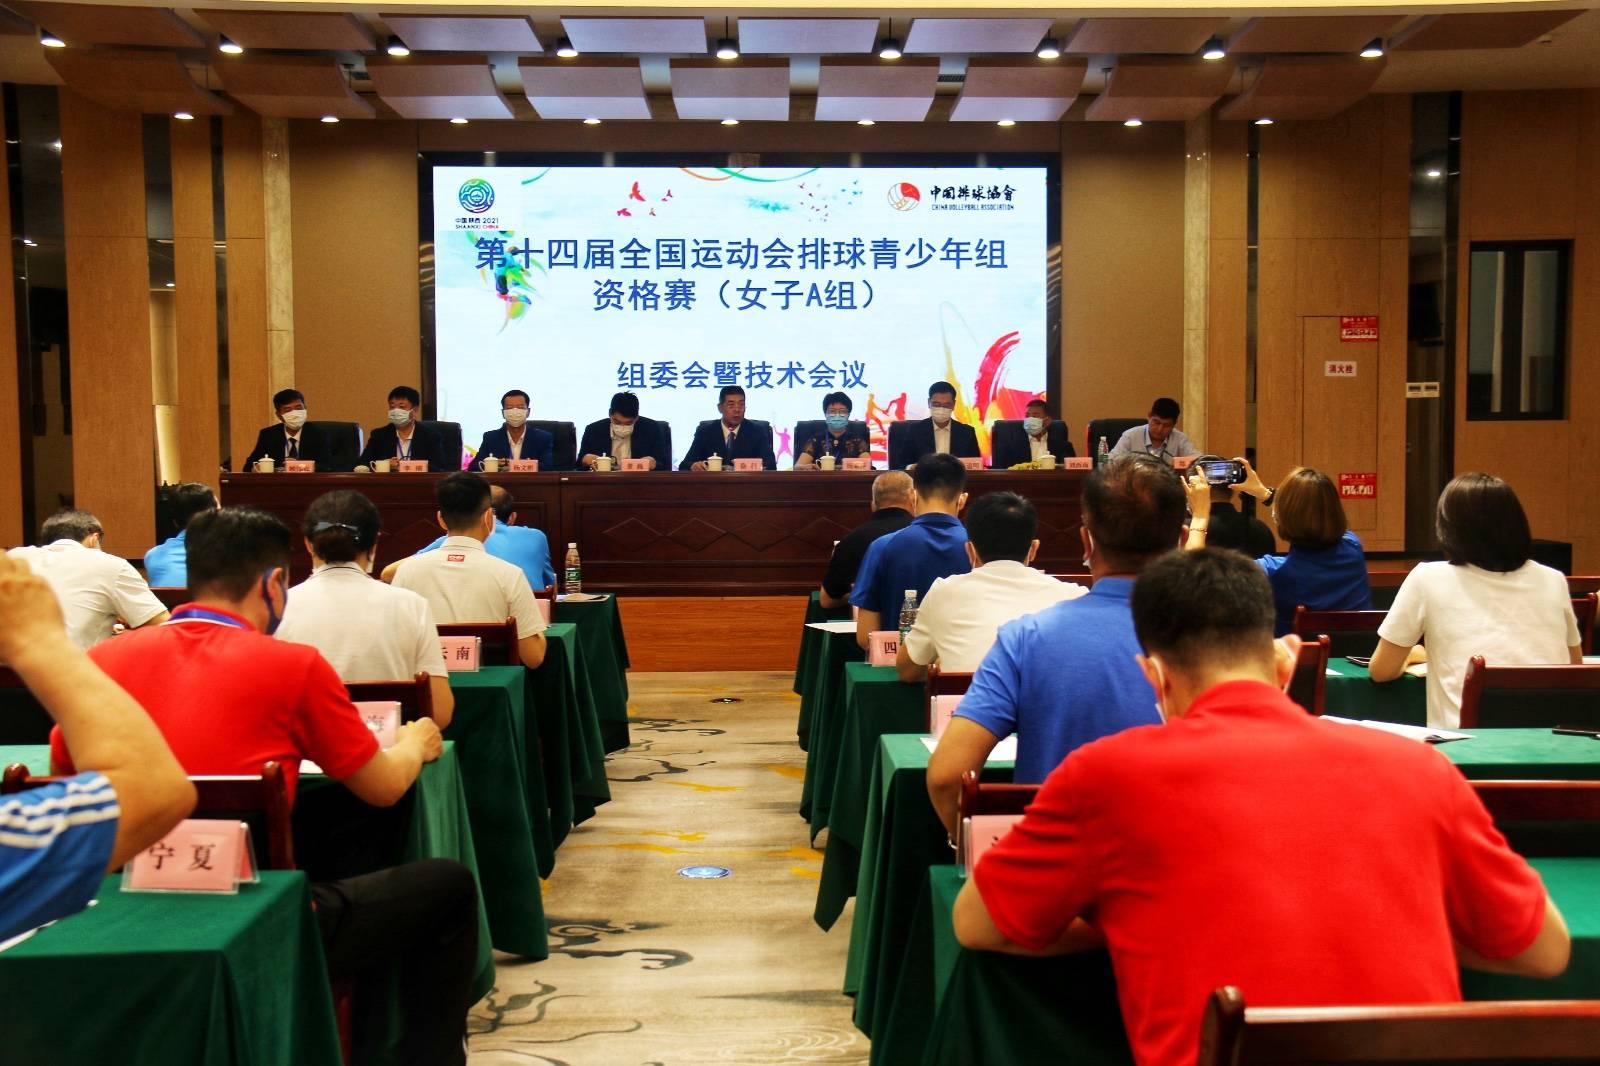 第十四届全国运动会排球青少年组资格赛 (女子A组)漳州赛区召开组委会暨技术会议